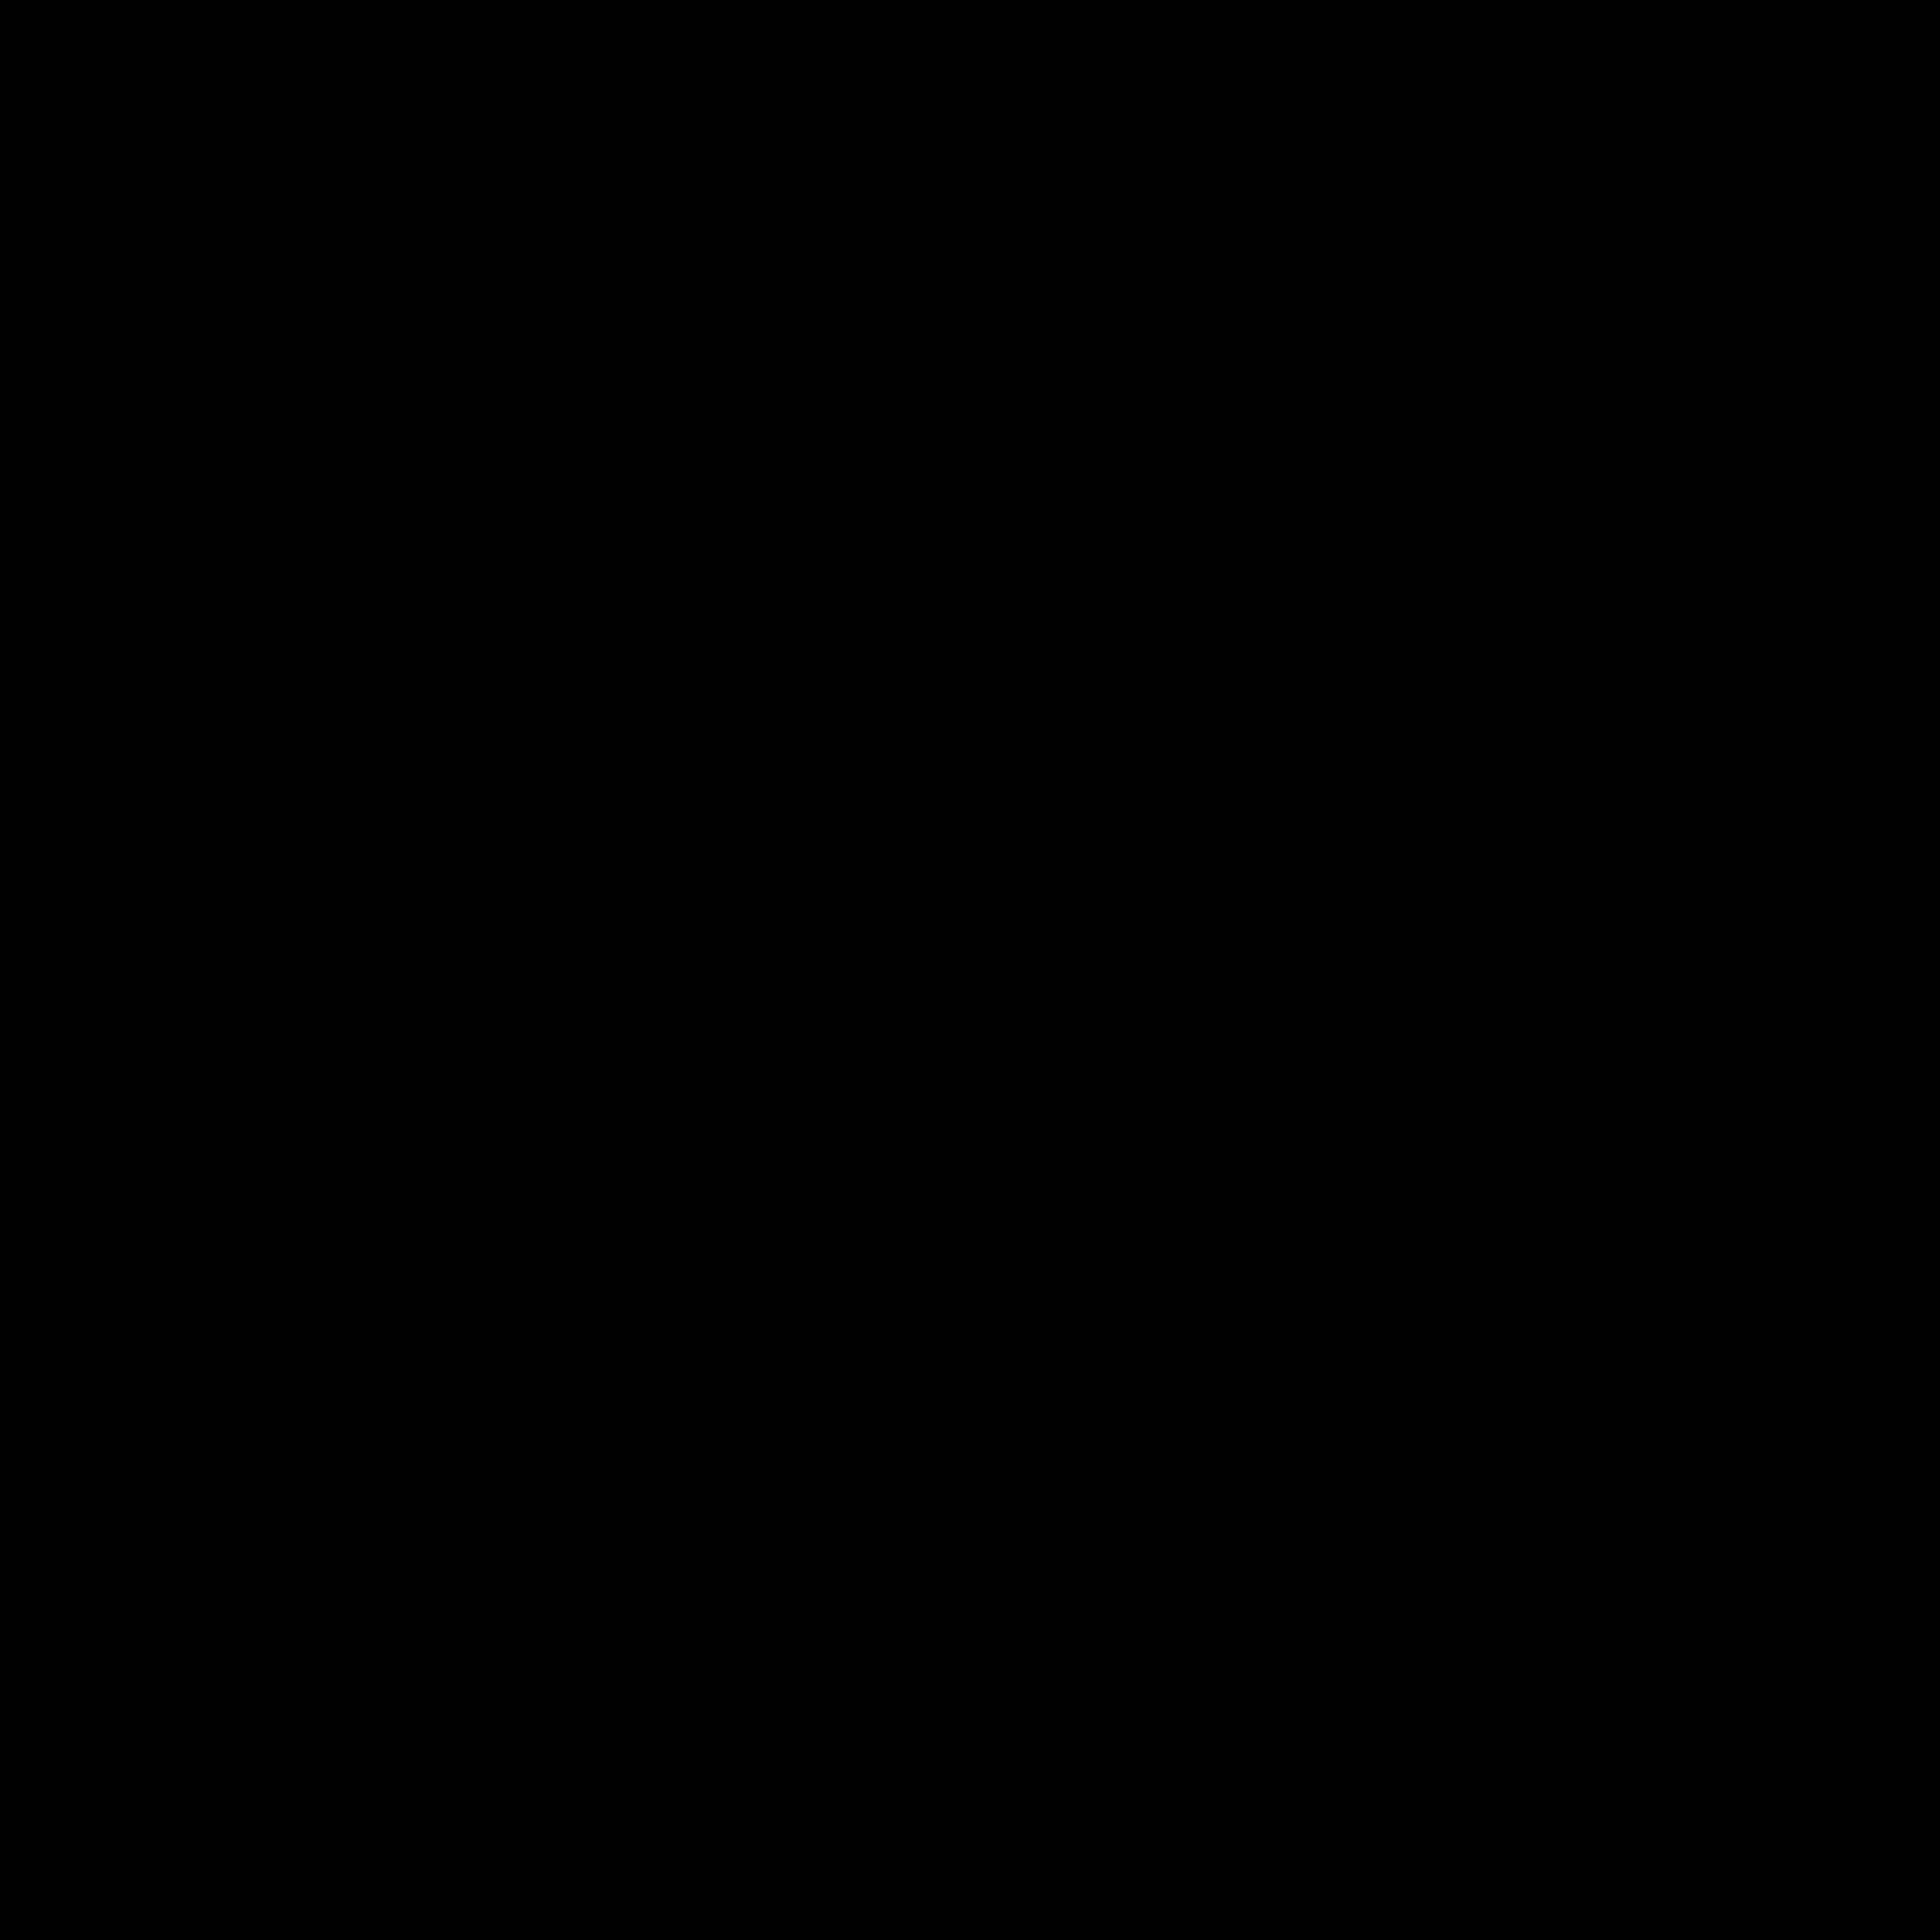 Votre Mairie travaille à la réouverture de l'accueil de loisirs municipal Les Deux Rivières